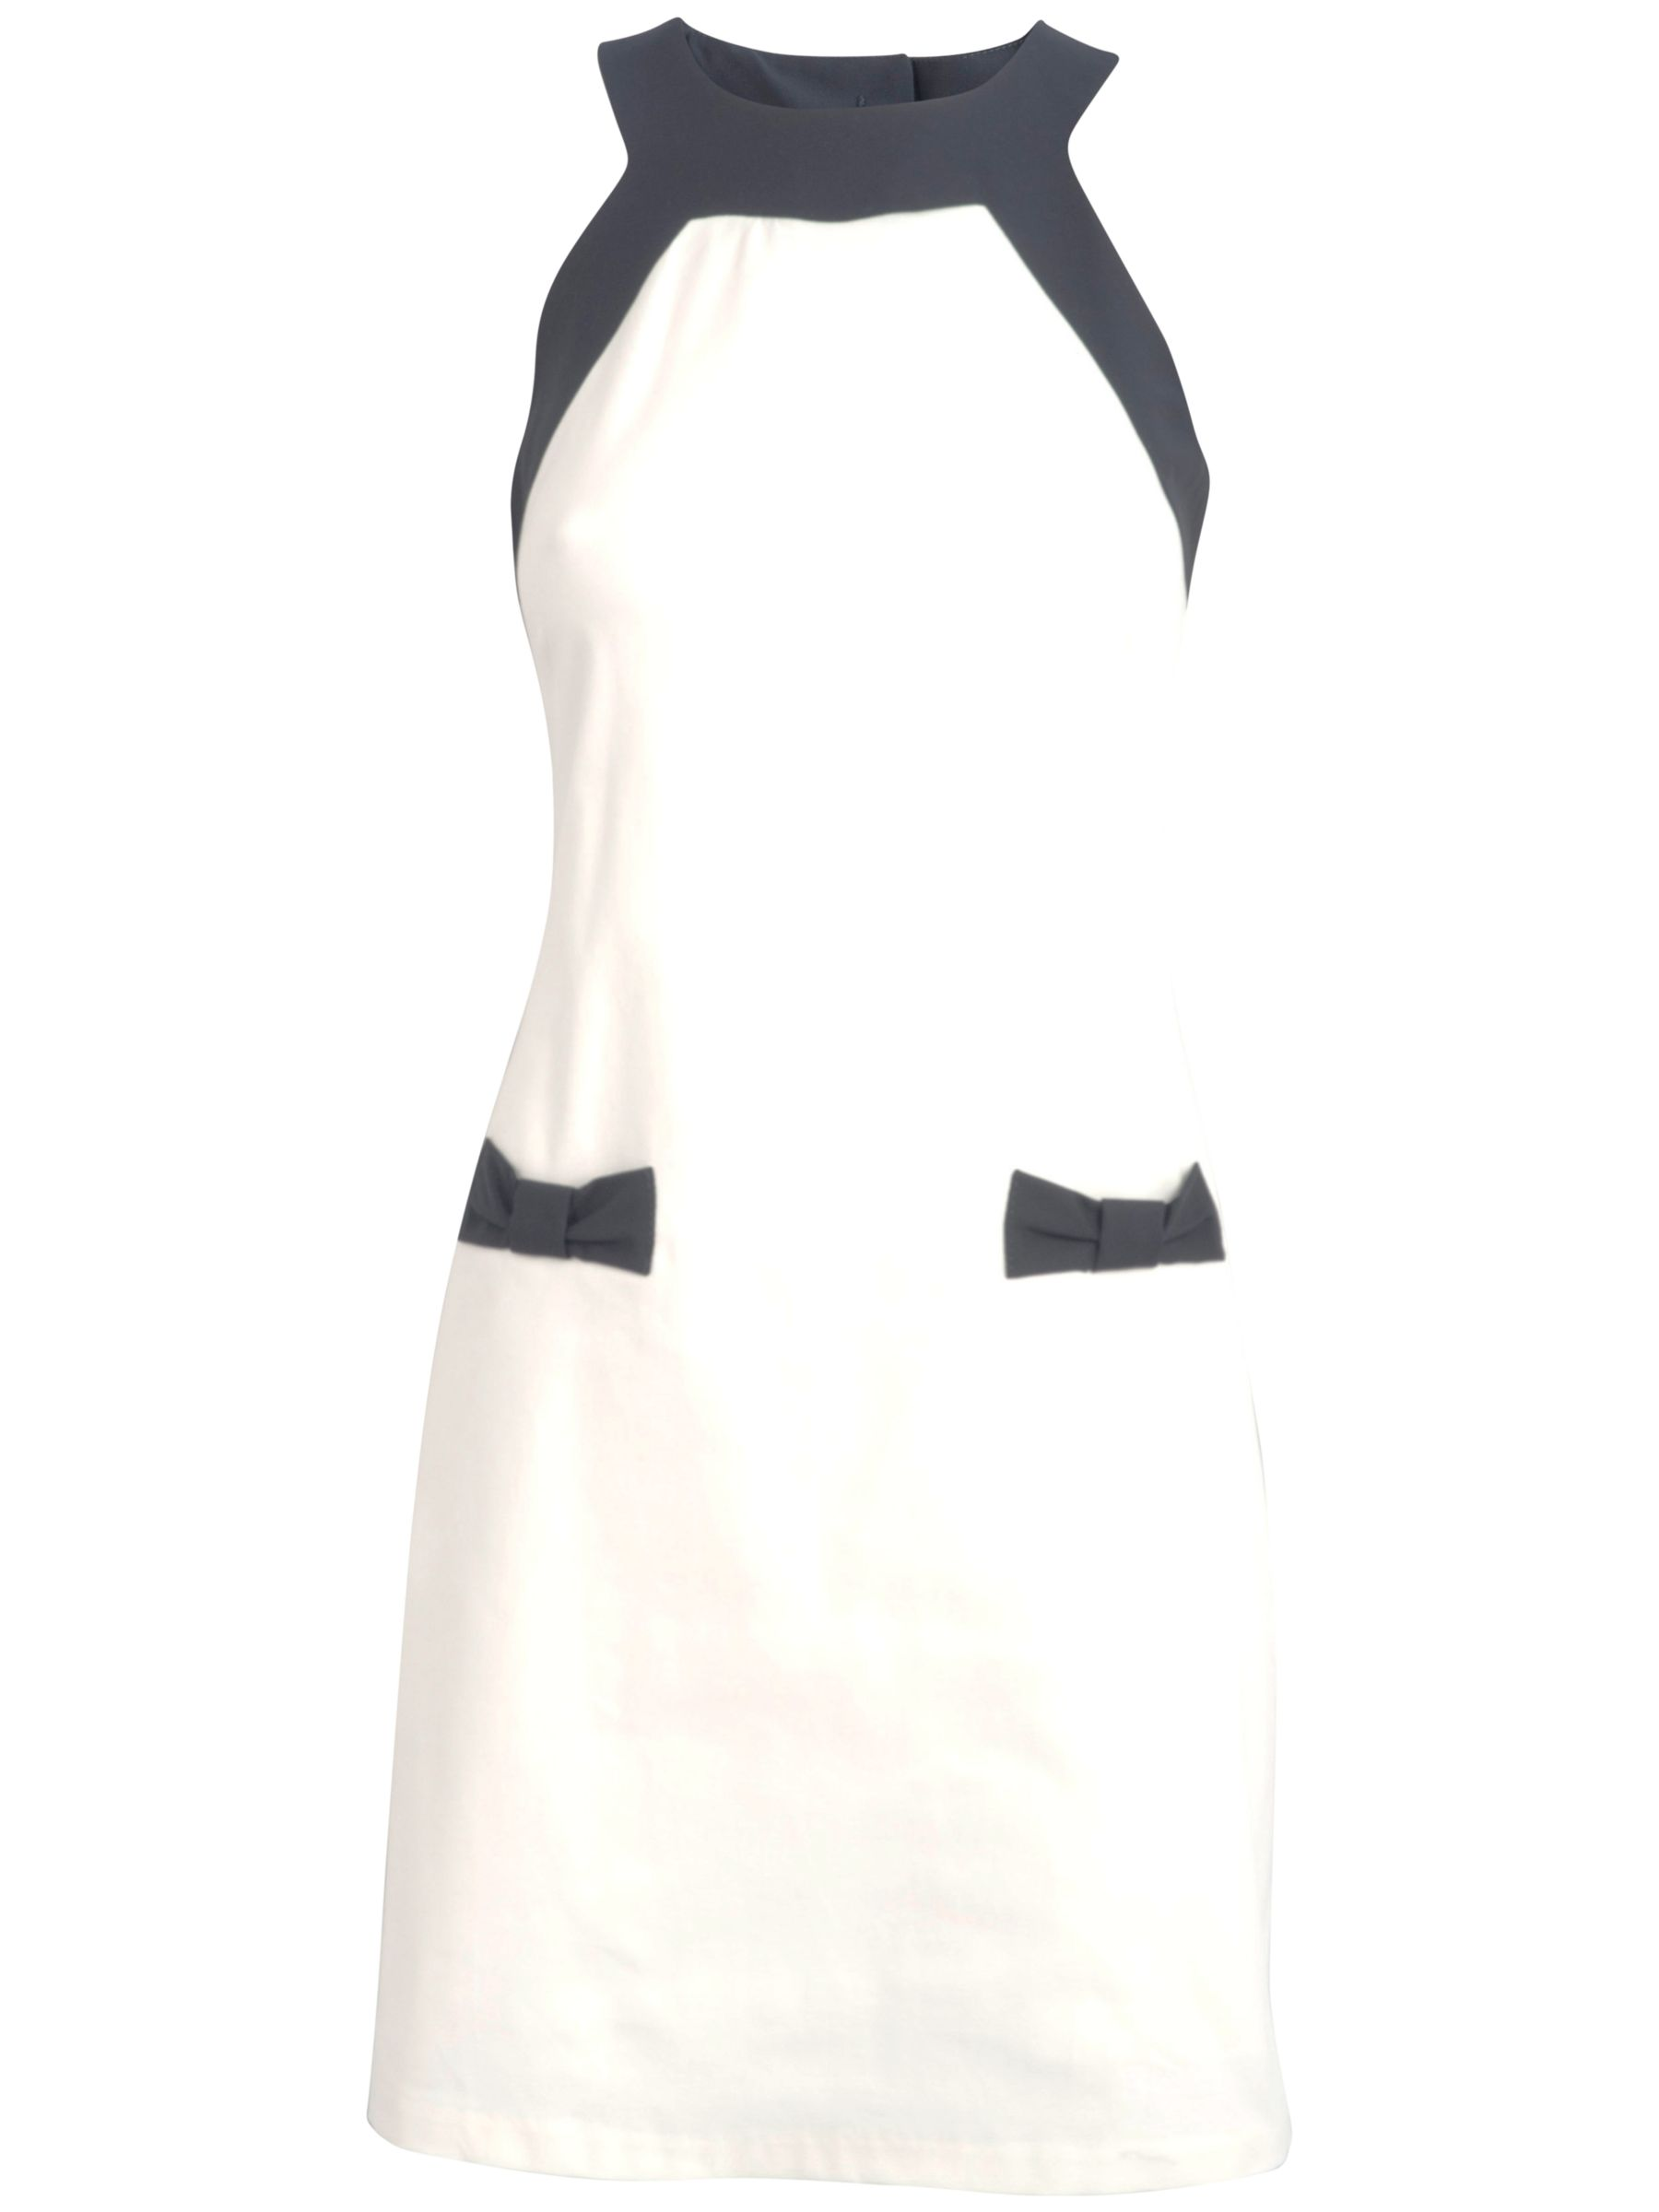 almari bow shift dress black / white, almari, bow, shift, dress, black, white, 8|10, women, womens dresses, special offers, womenswear offers, womens dresses offers, 707208